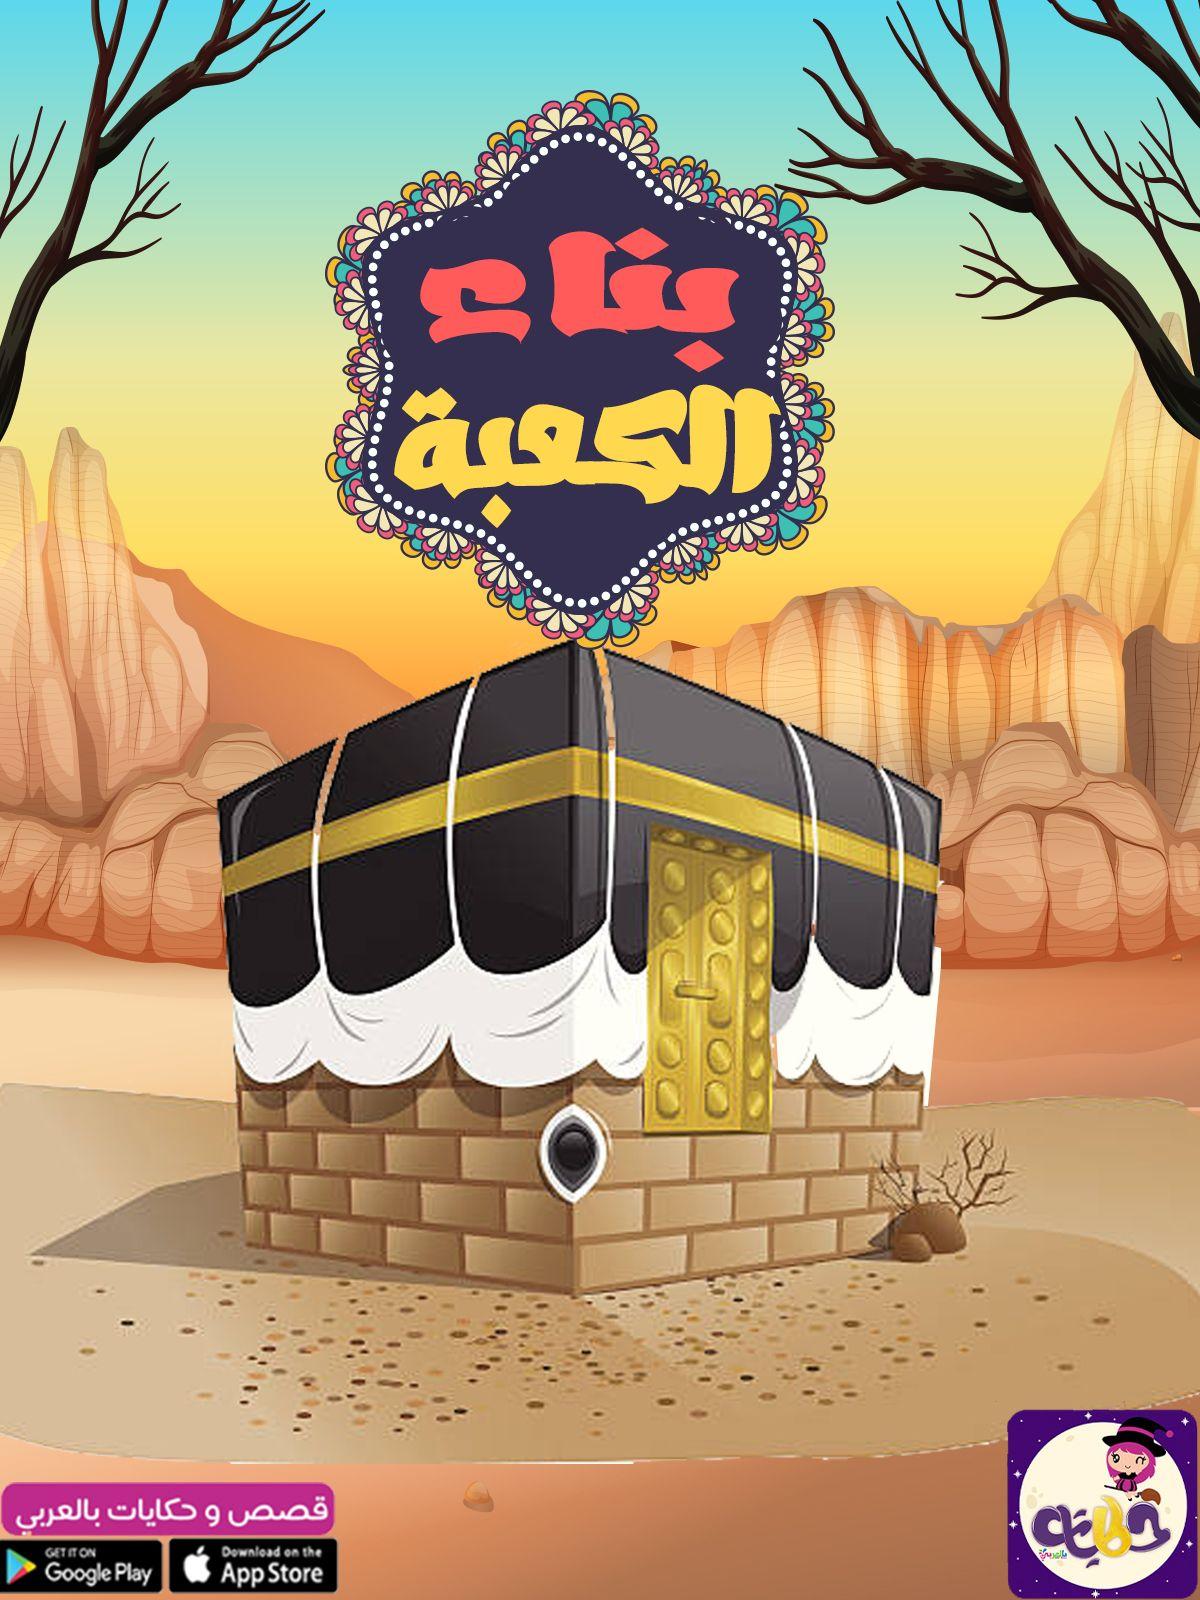 الكعبة بيت الله الحرام وقبلة المسلمين قصة بناء الكعبة بتطبيق حكايات بالعربي قصص مصورة للاطفال Islam For Kids Kids Art